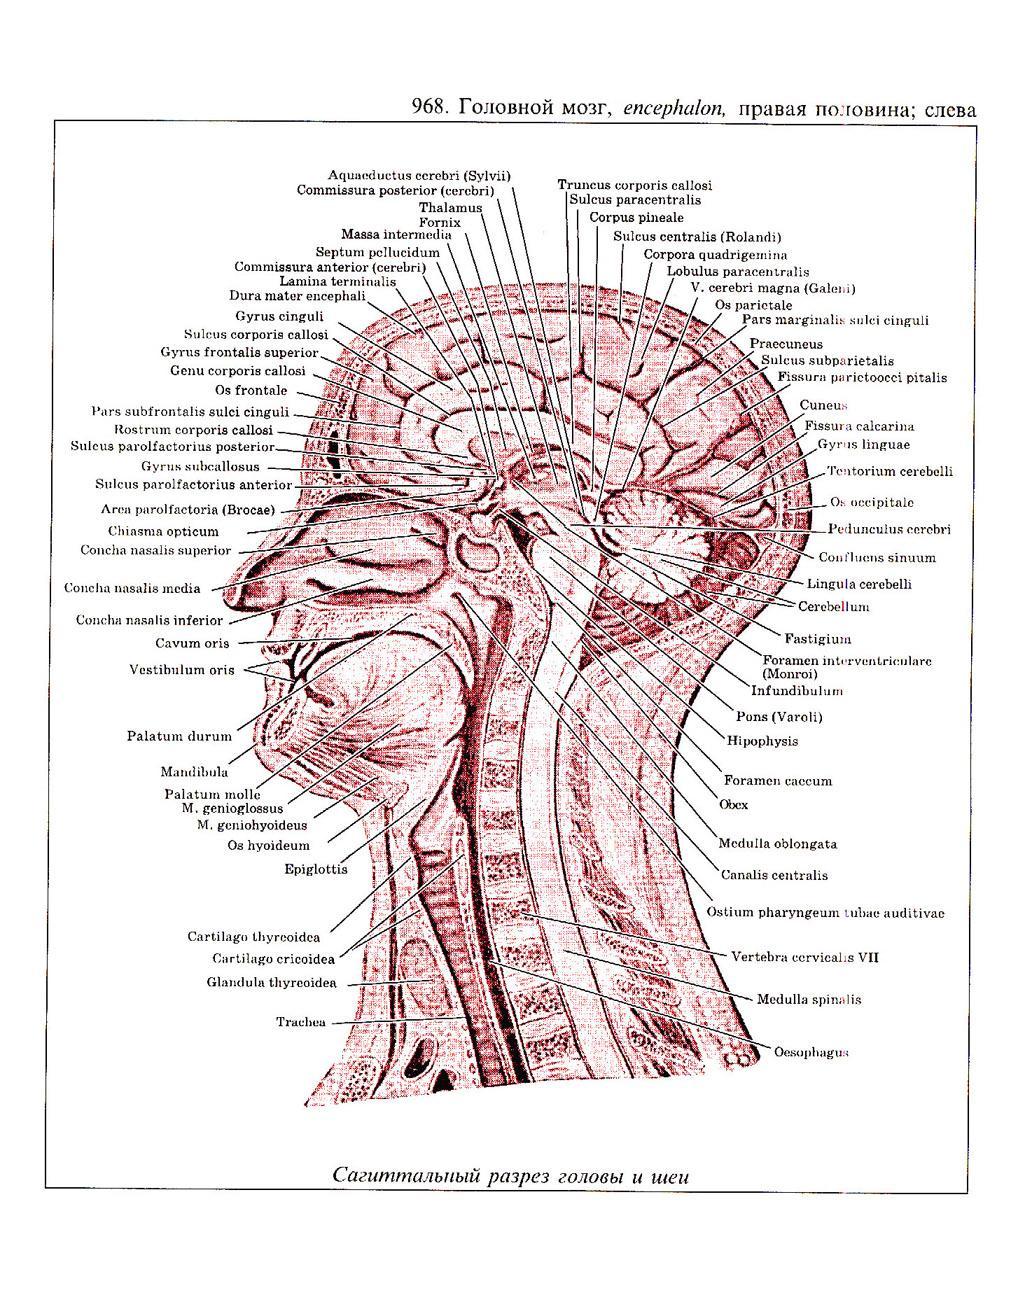 Atemberaubend Gyrus Cinguli Galerie - Anatomie Und Physiologie ...